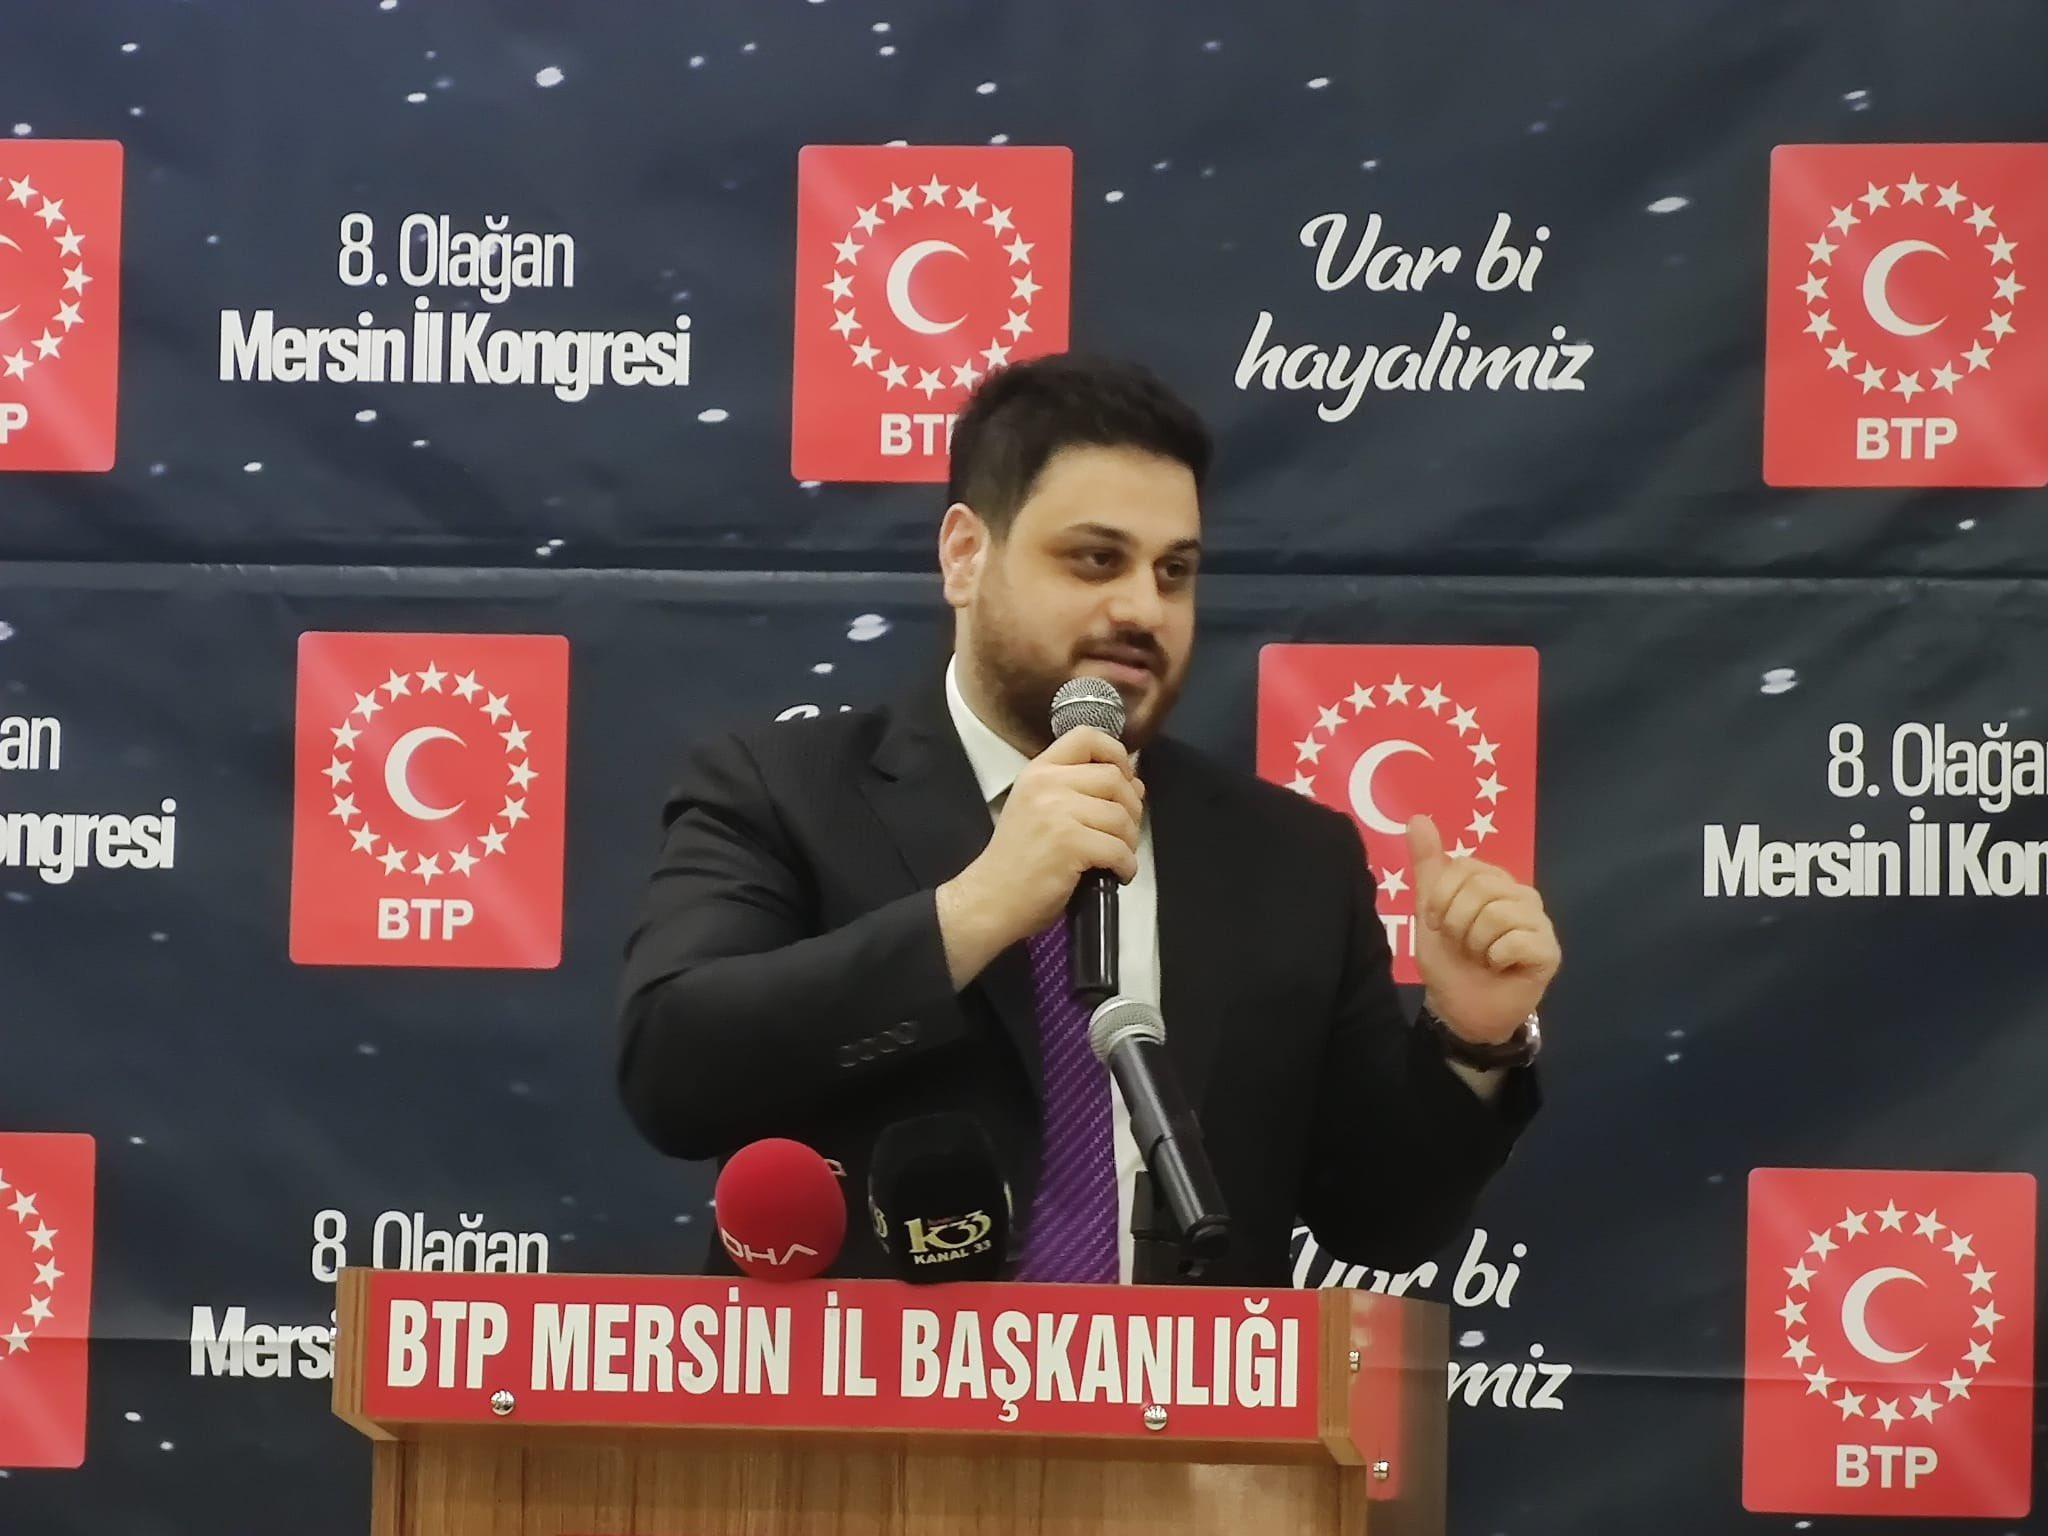 Türkiye'nin en genç lideri Baş: Ali'nin yolundayız